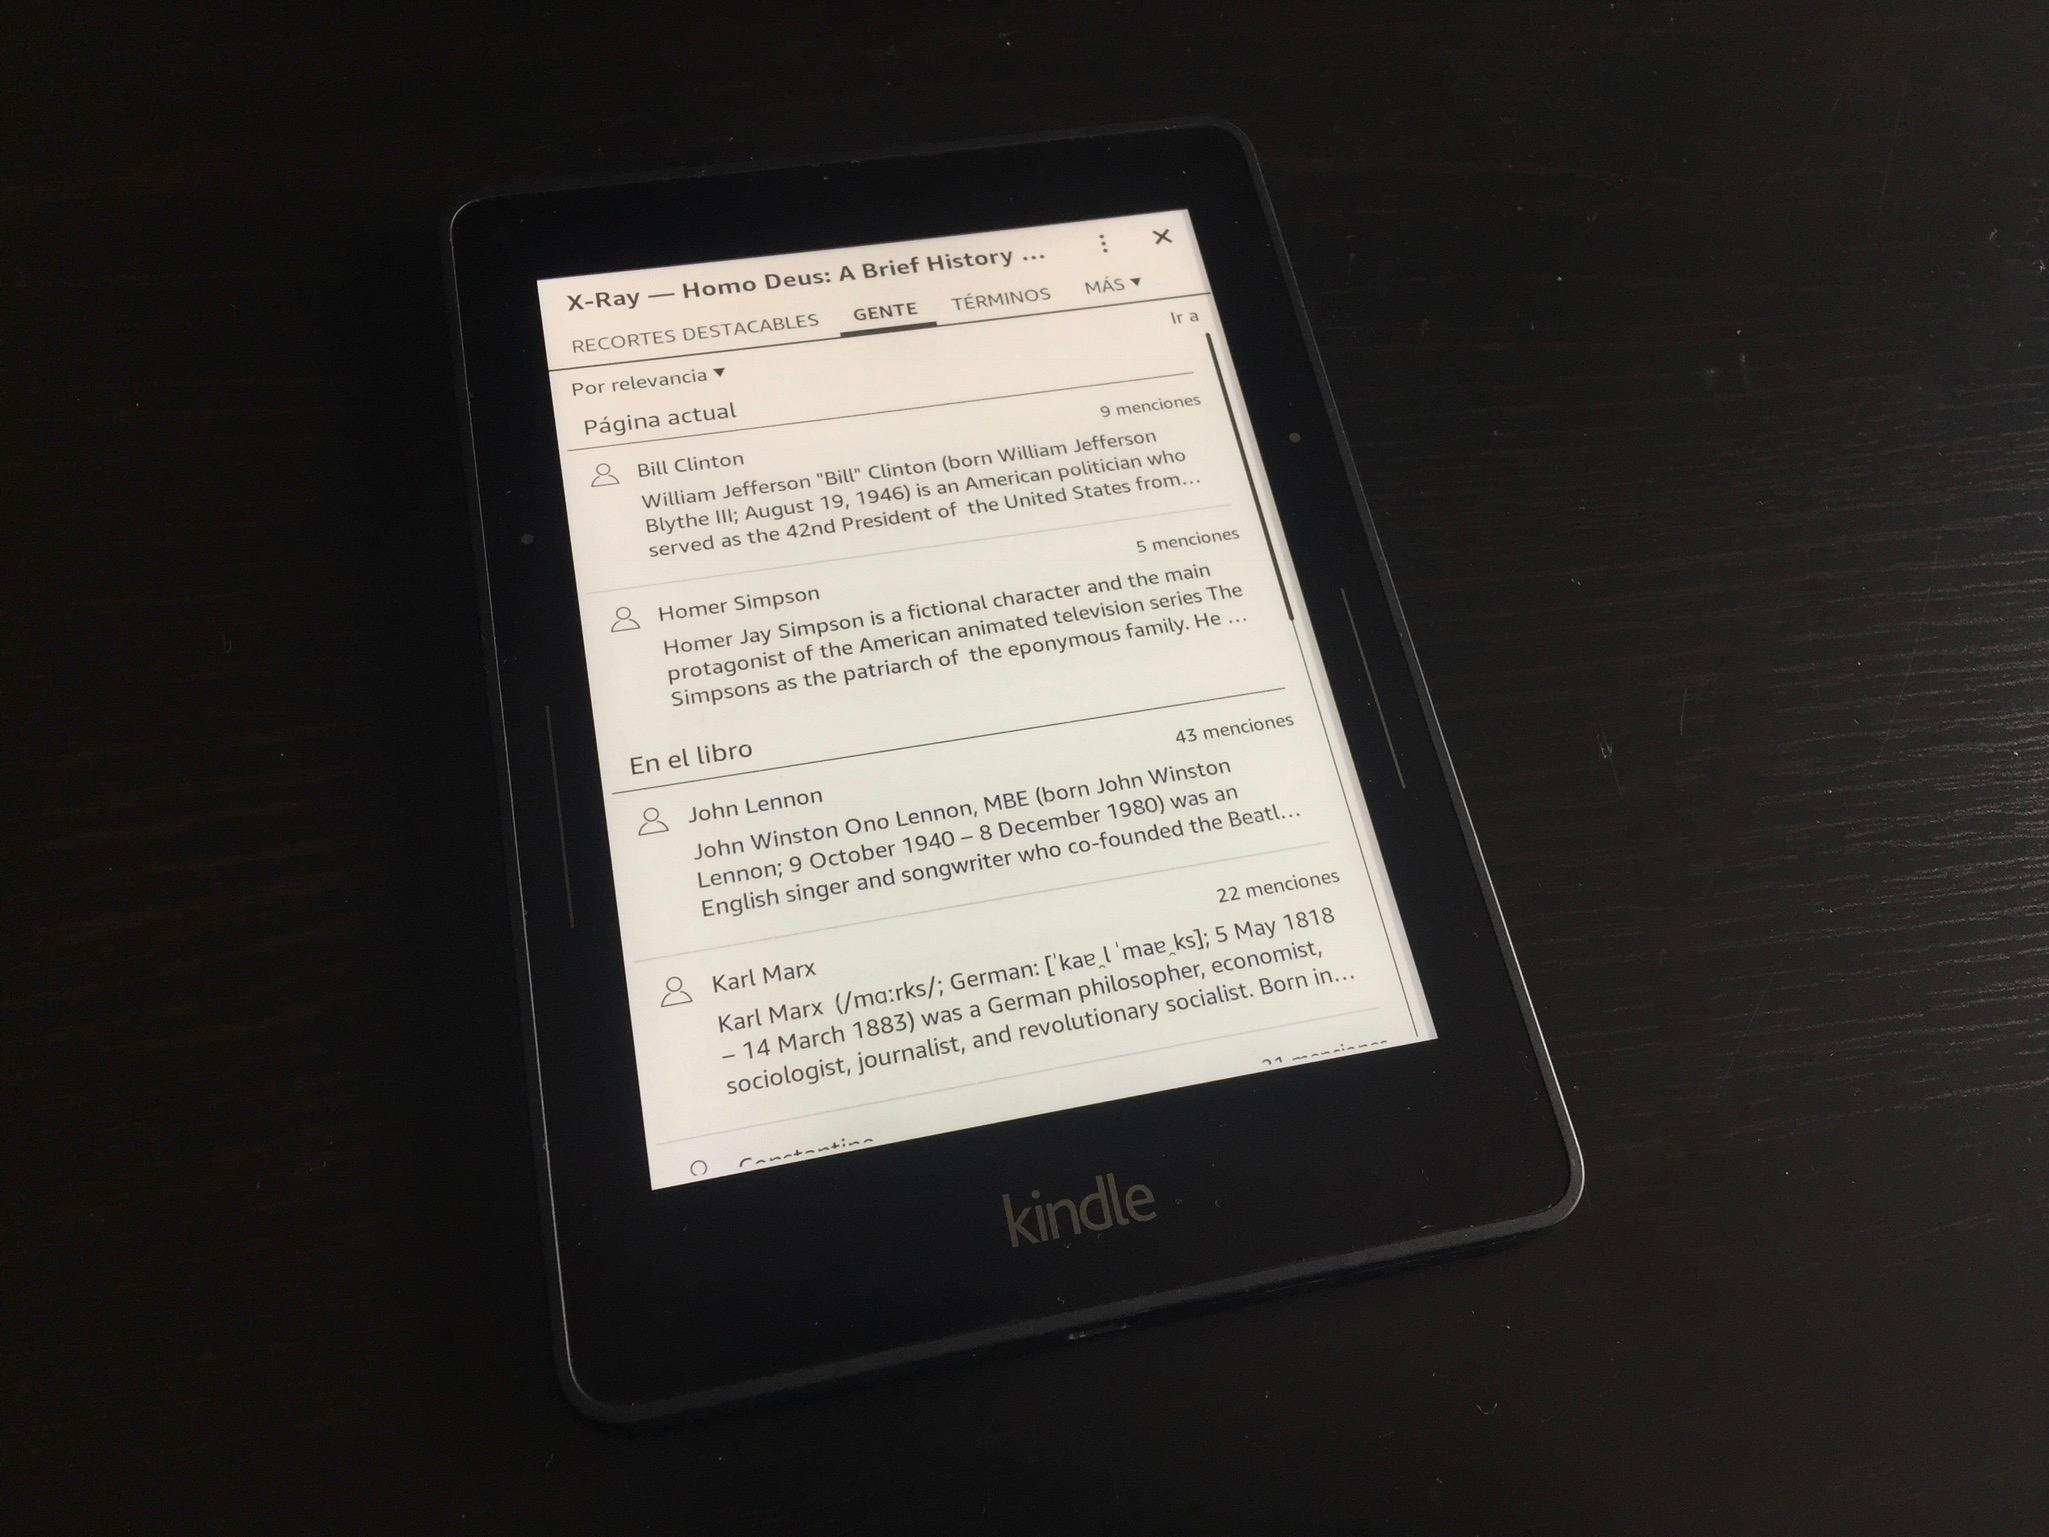 """La función  """"X-Ray""""  del Kindle me gusta mucho: hace resúmenes automáticos de personajes y lugares del libro que estás leyendo."""